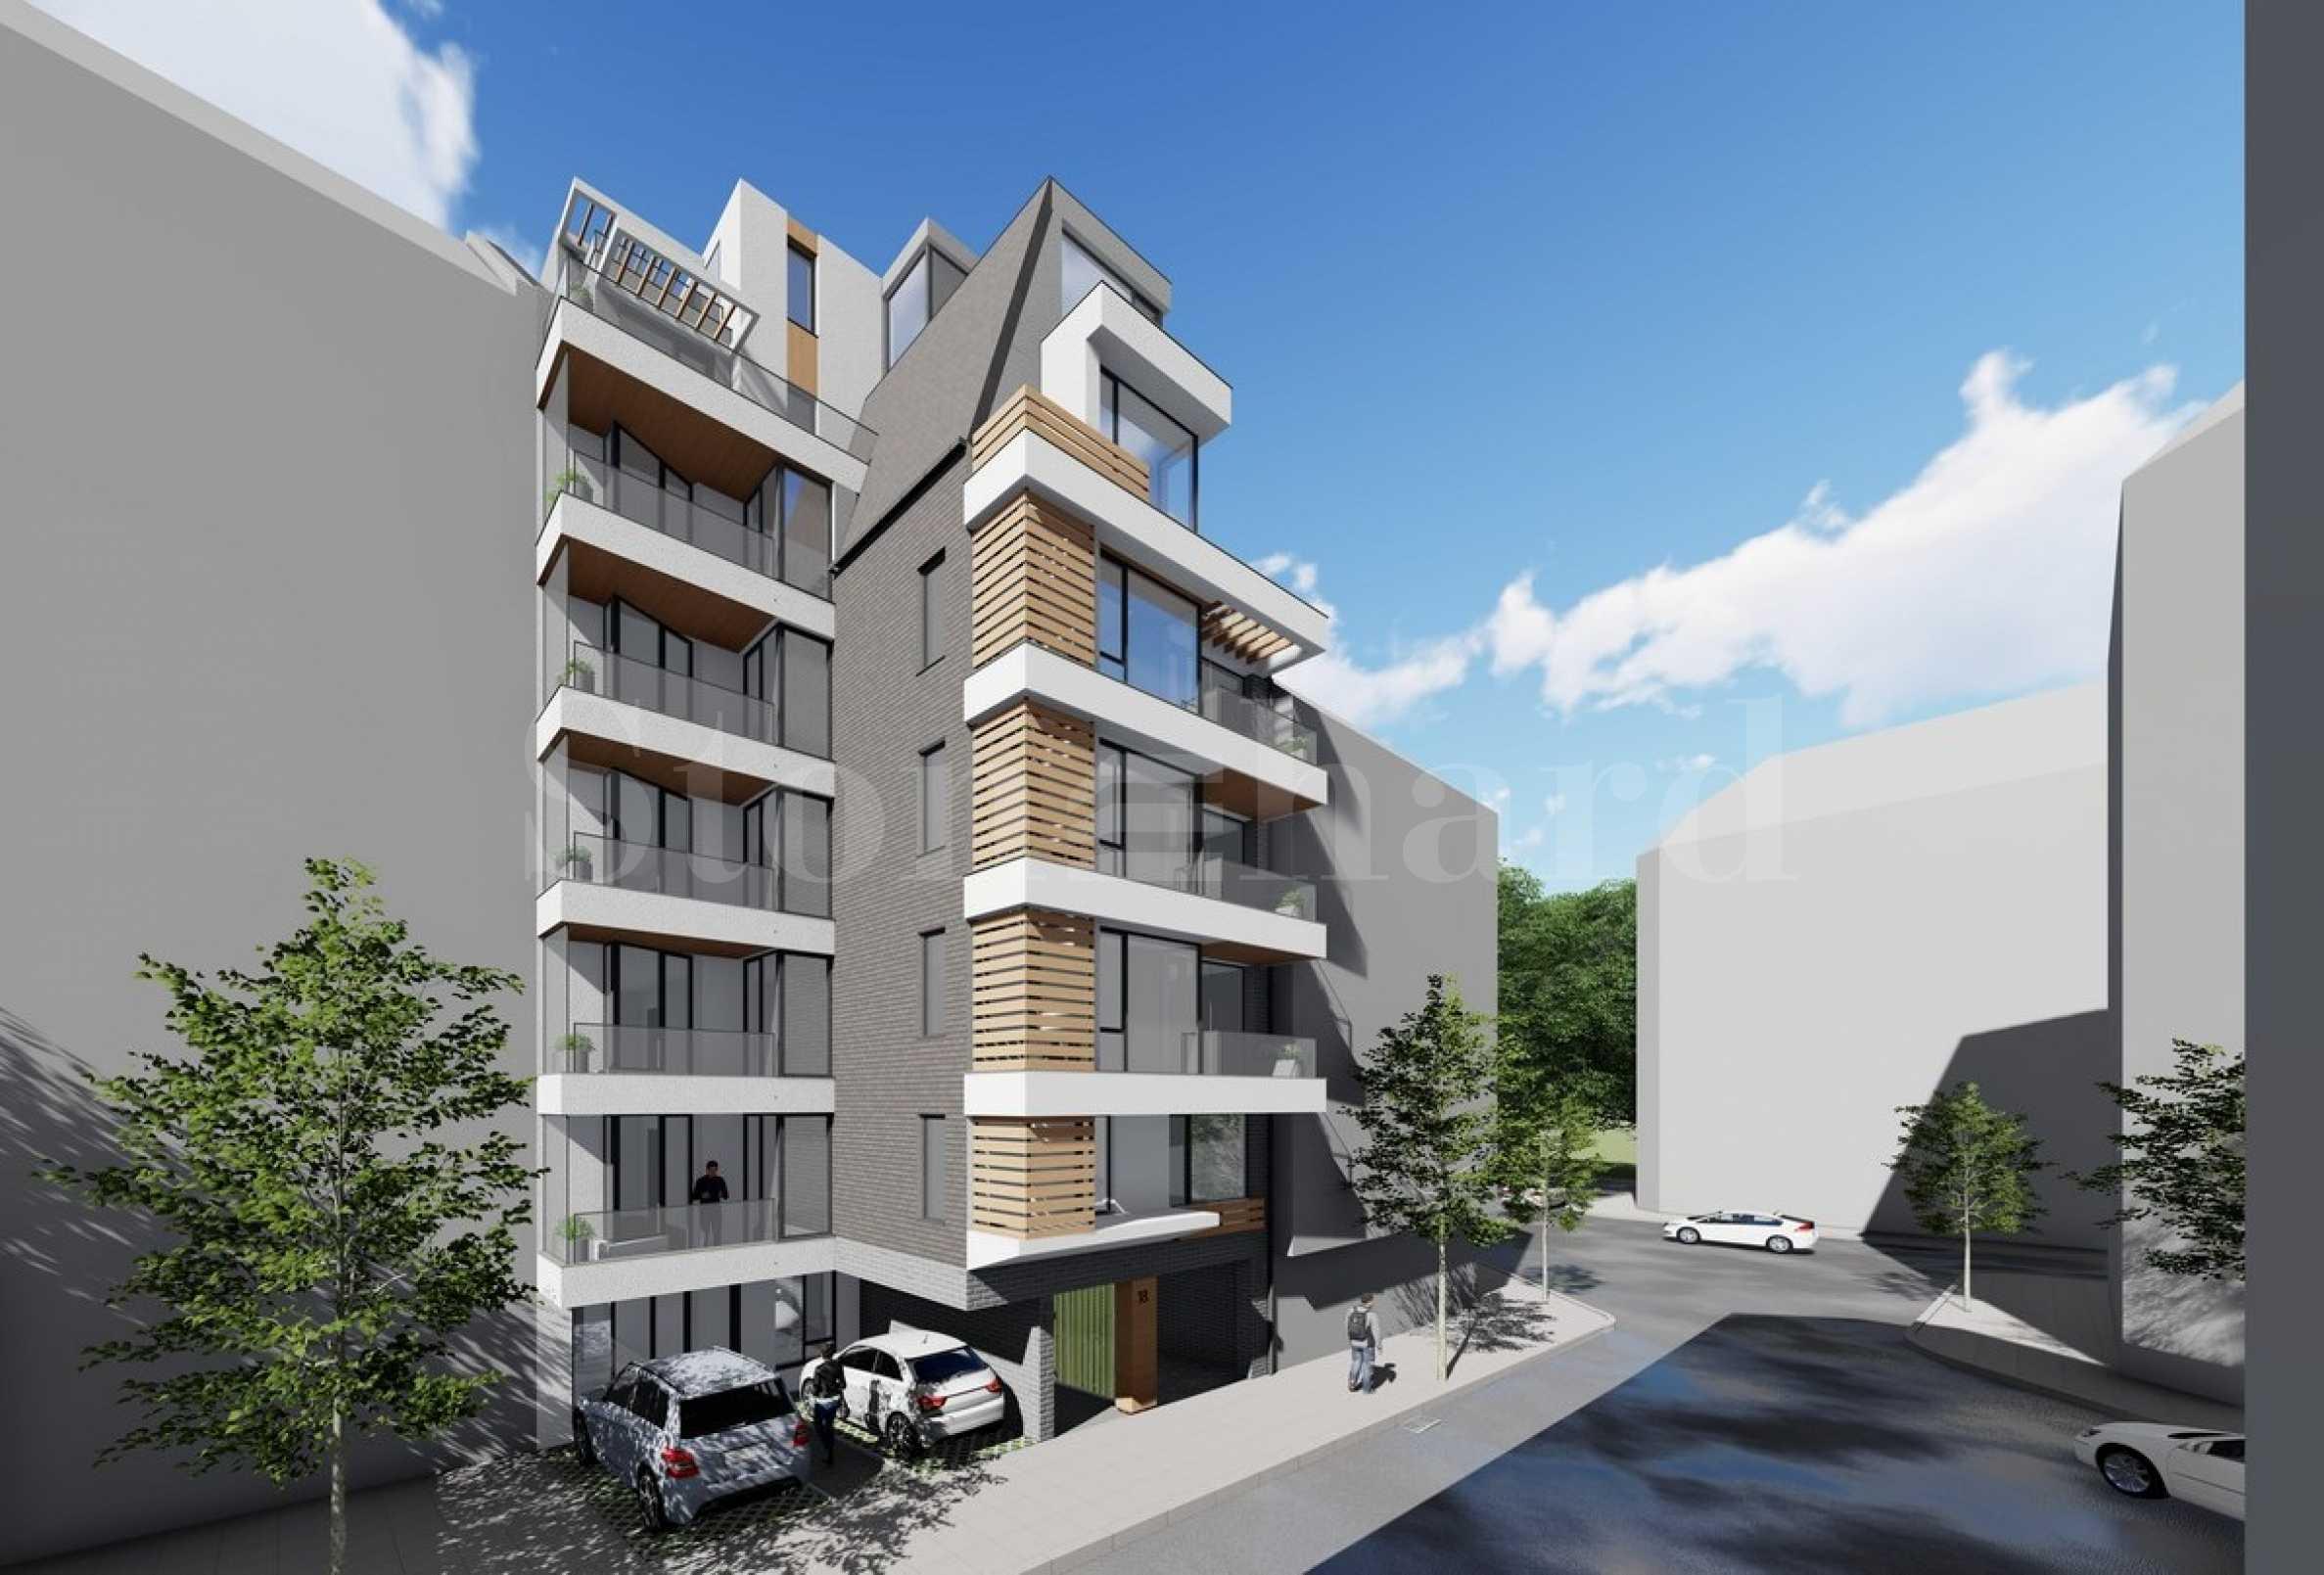 Апартаменти ново строителство до LIDL и Окръжна болница2 - Stonehard